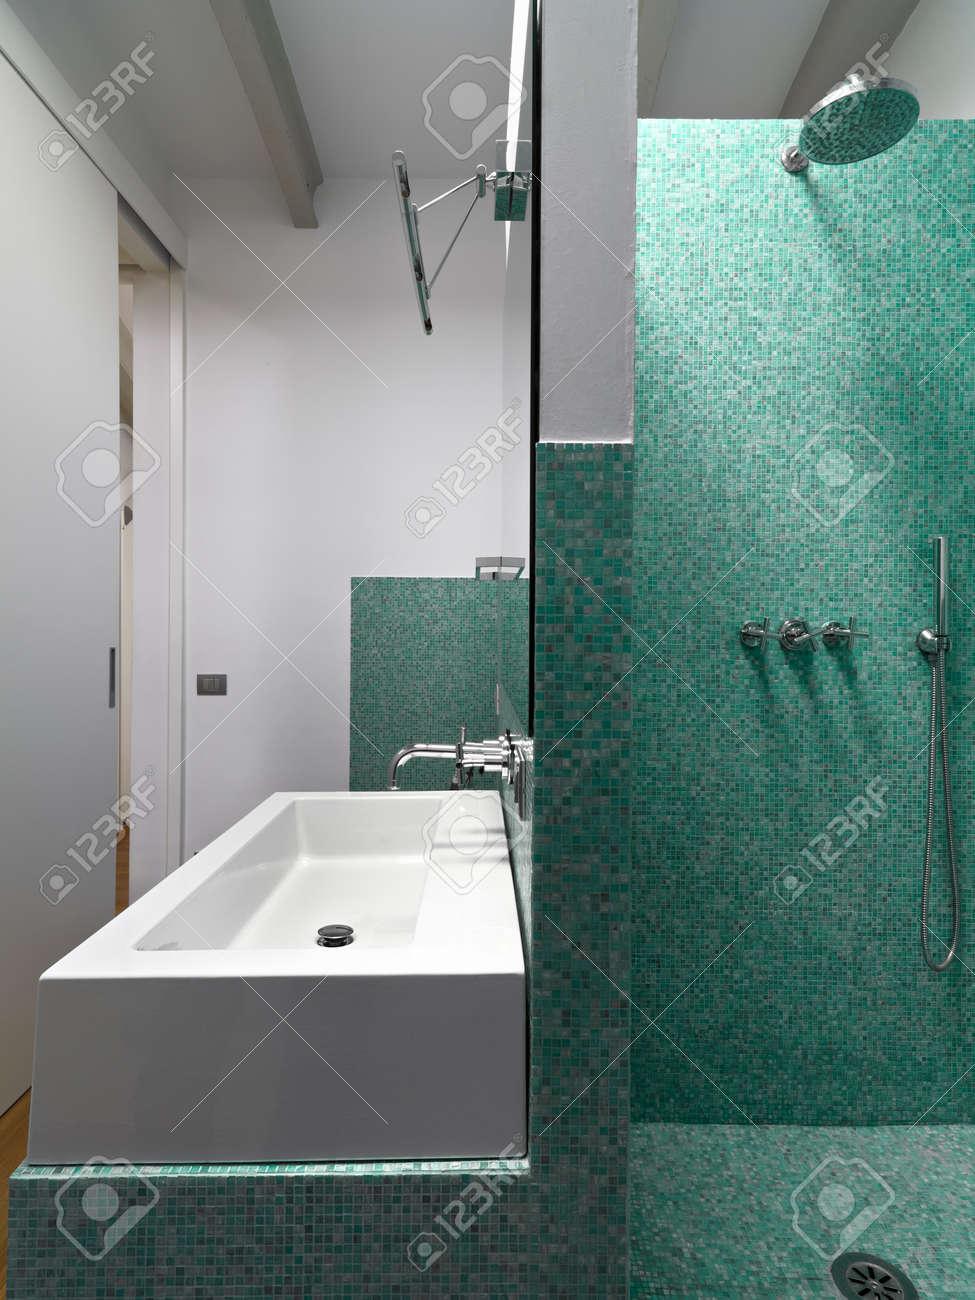 foto de archivo detalle de una cabina de ducha y lavabo en el cuarto de bao moderno